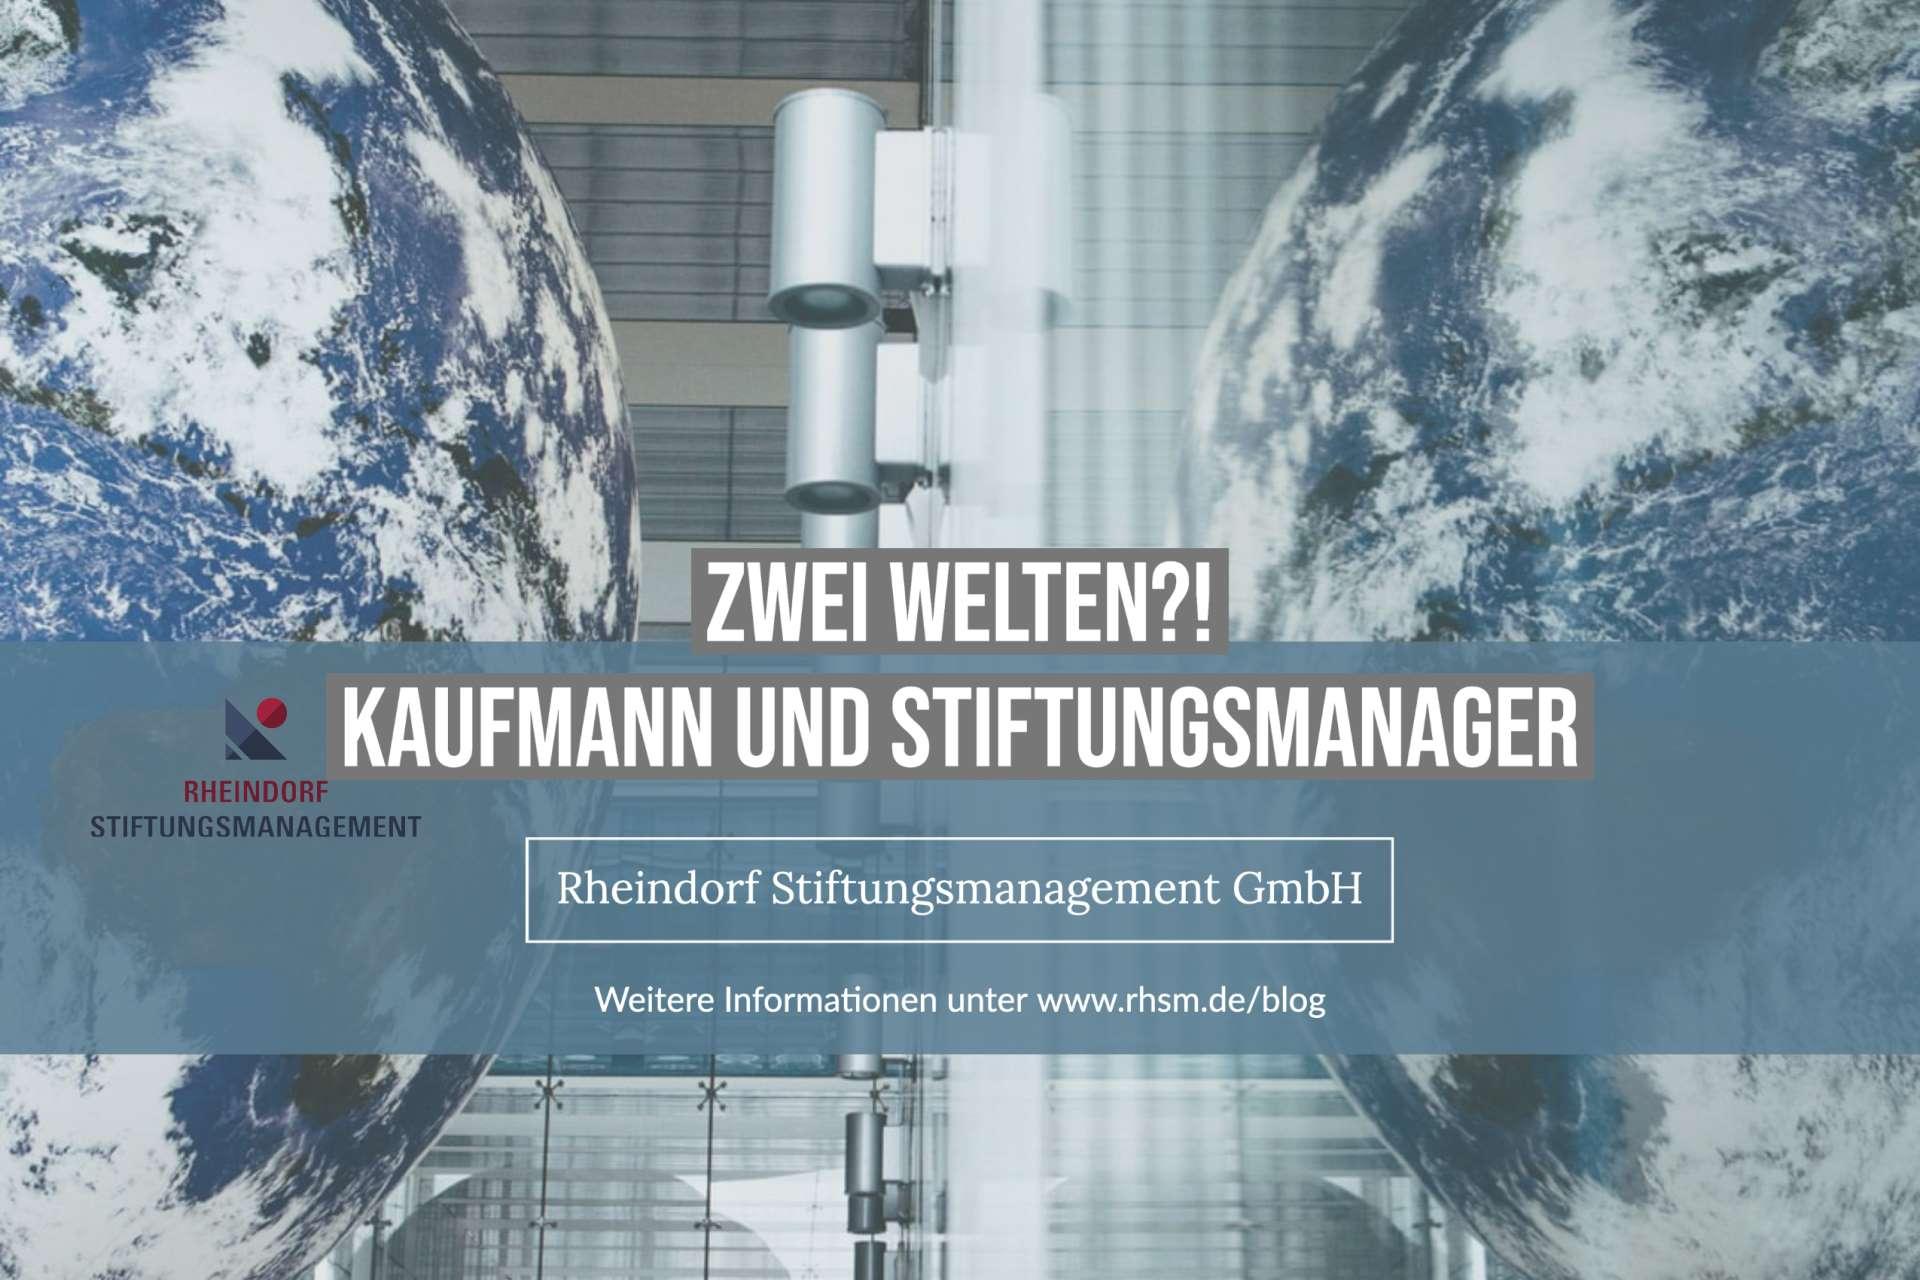 Michael Rheindorf – Kaufmann und Stiftungsmanager